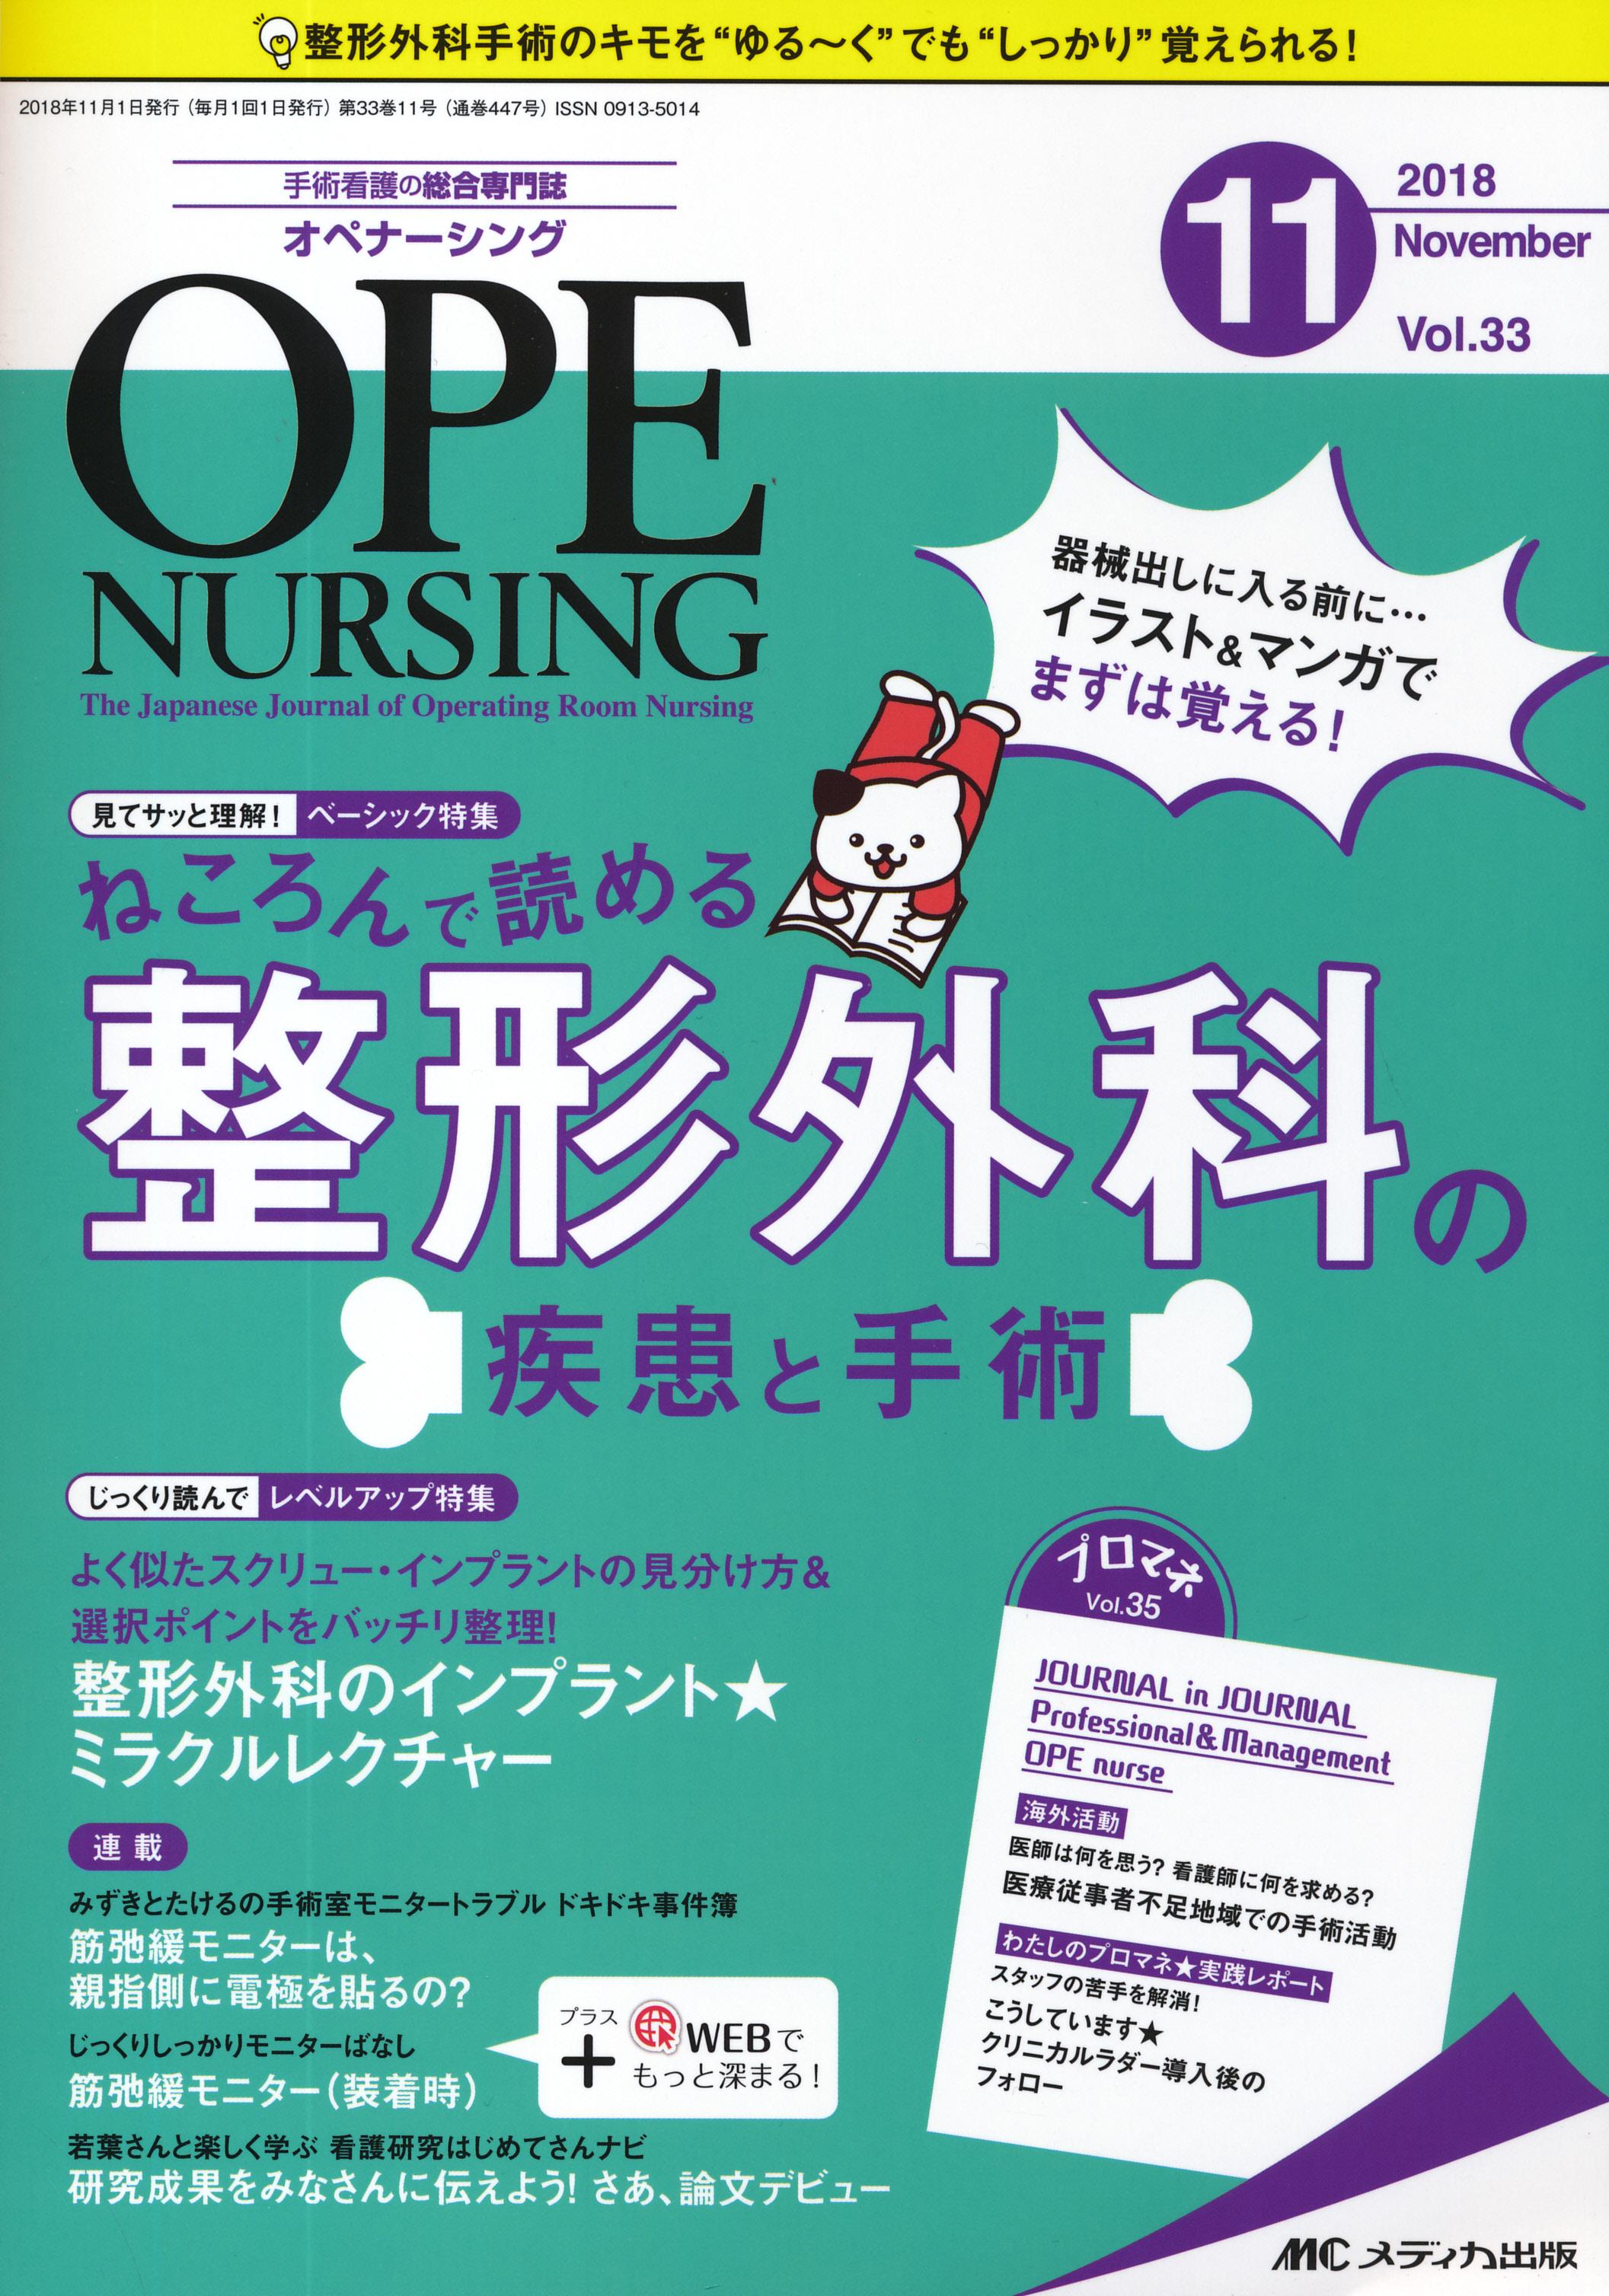 Openursing ジャパンハートインタビュー